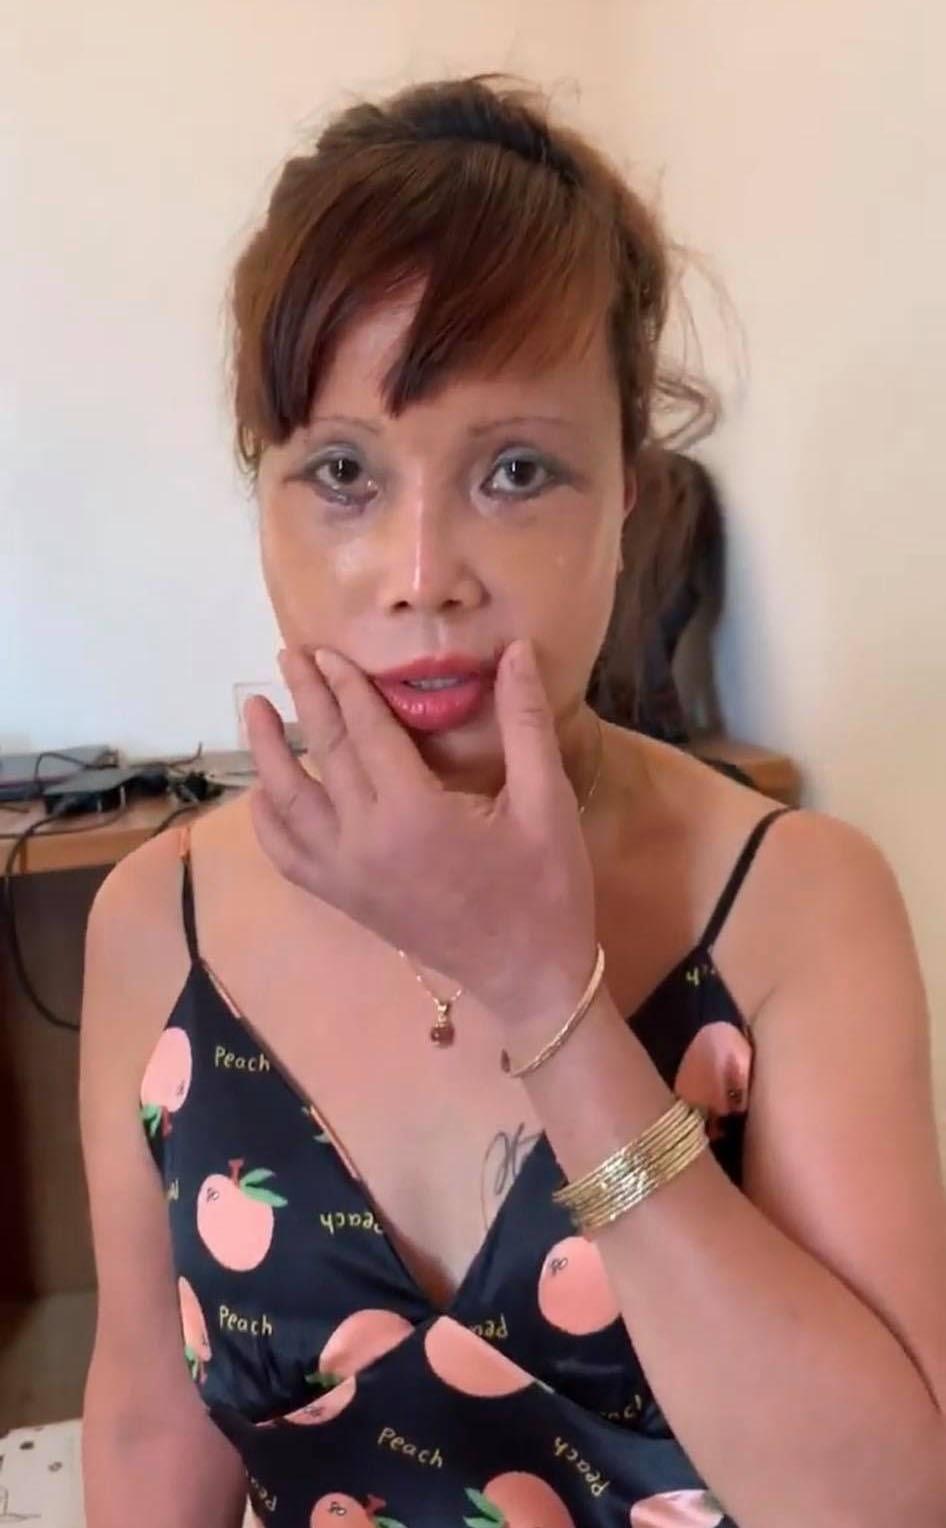 Cận cảnh nhan sắc cô dâu 62 tuổi sau 4 ngày thẩm mỹ: Bị méo miệng vẫn muốn nâng cấp vòng một - Hình 8